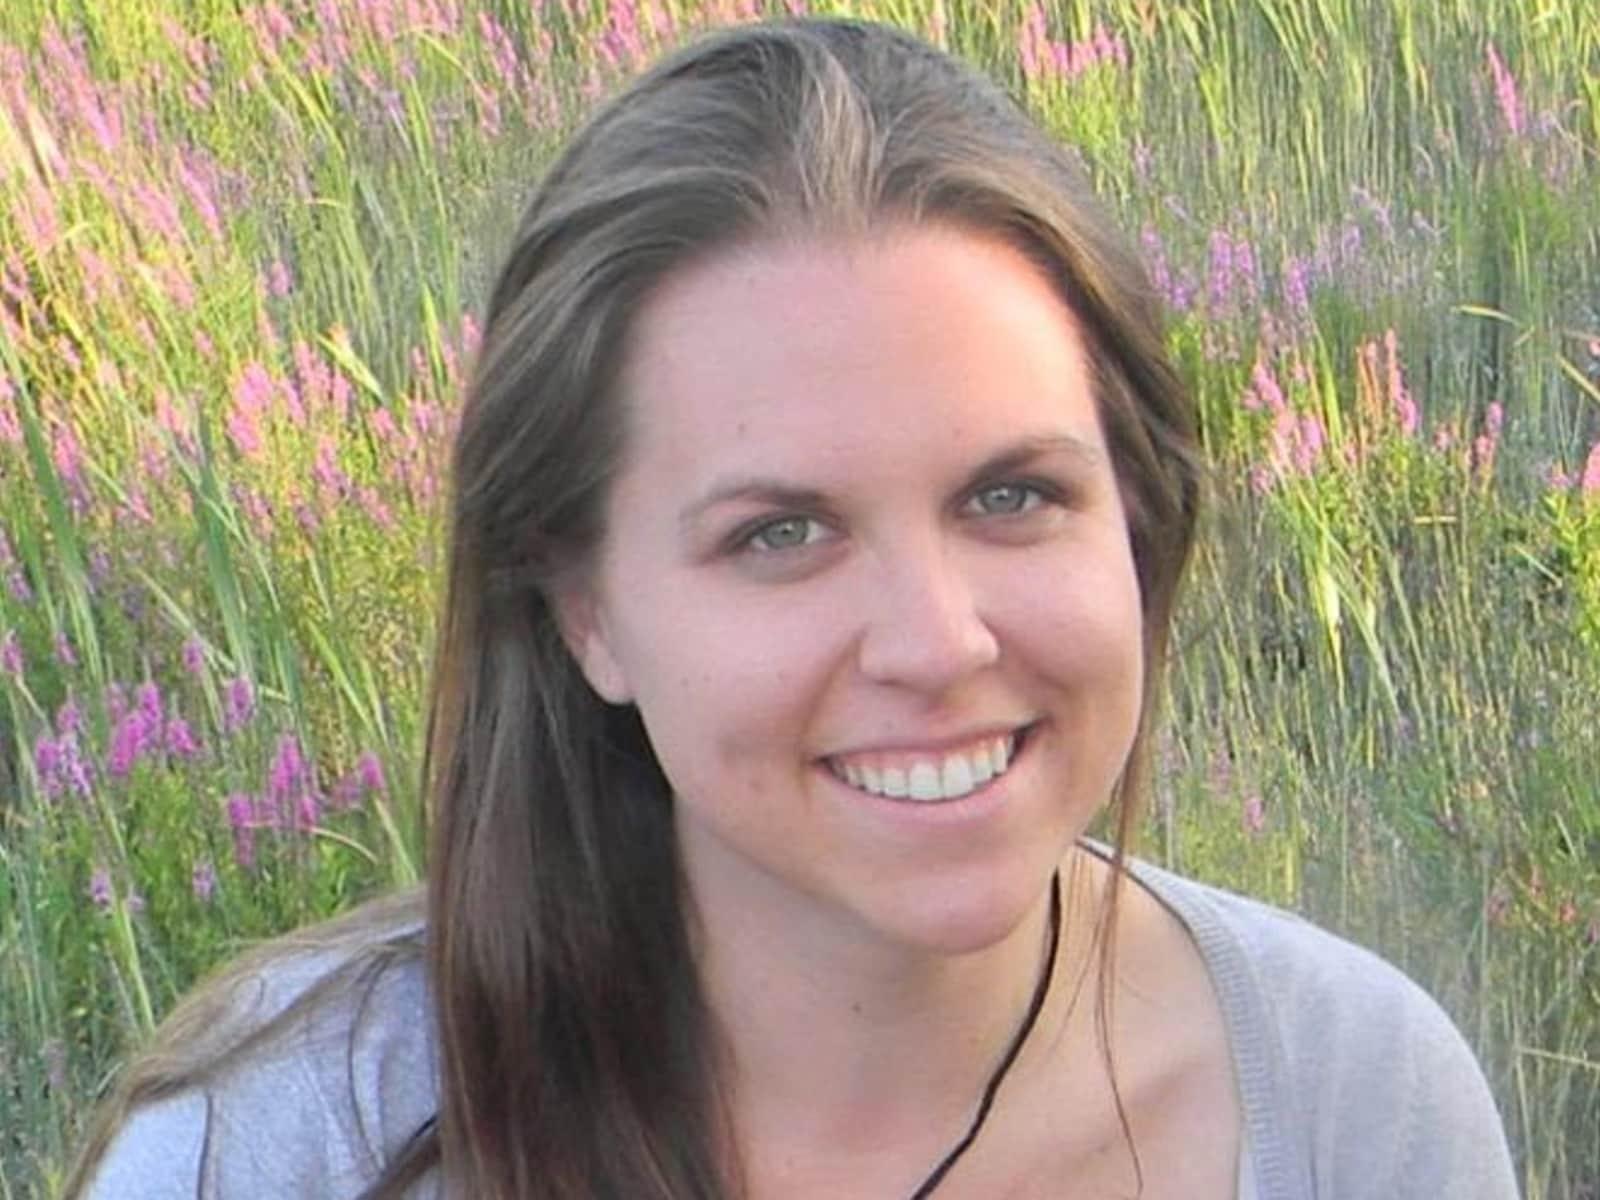 Vanessa from Port Coquitlam, British Columbia, Canada